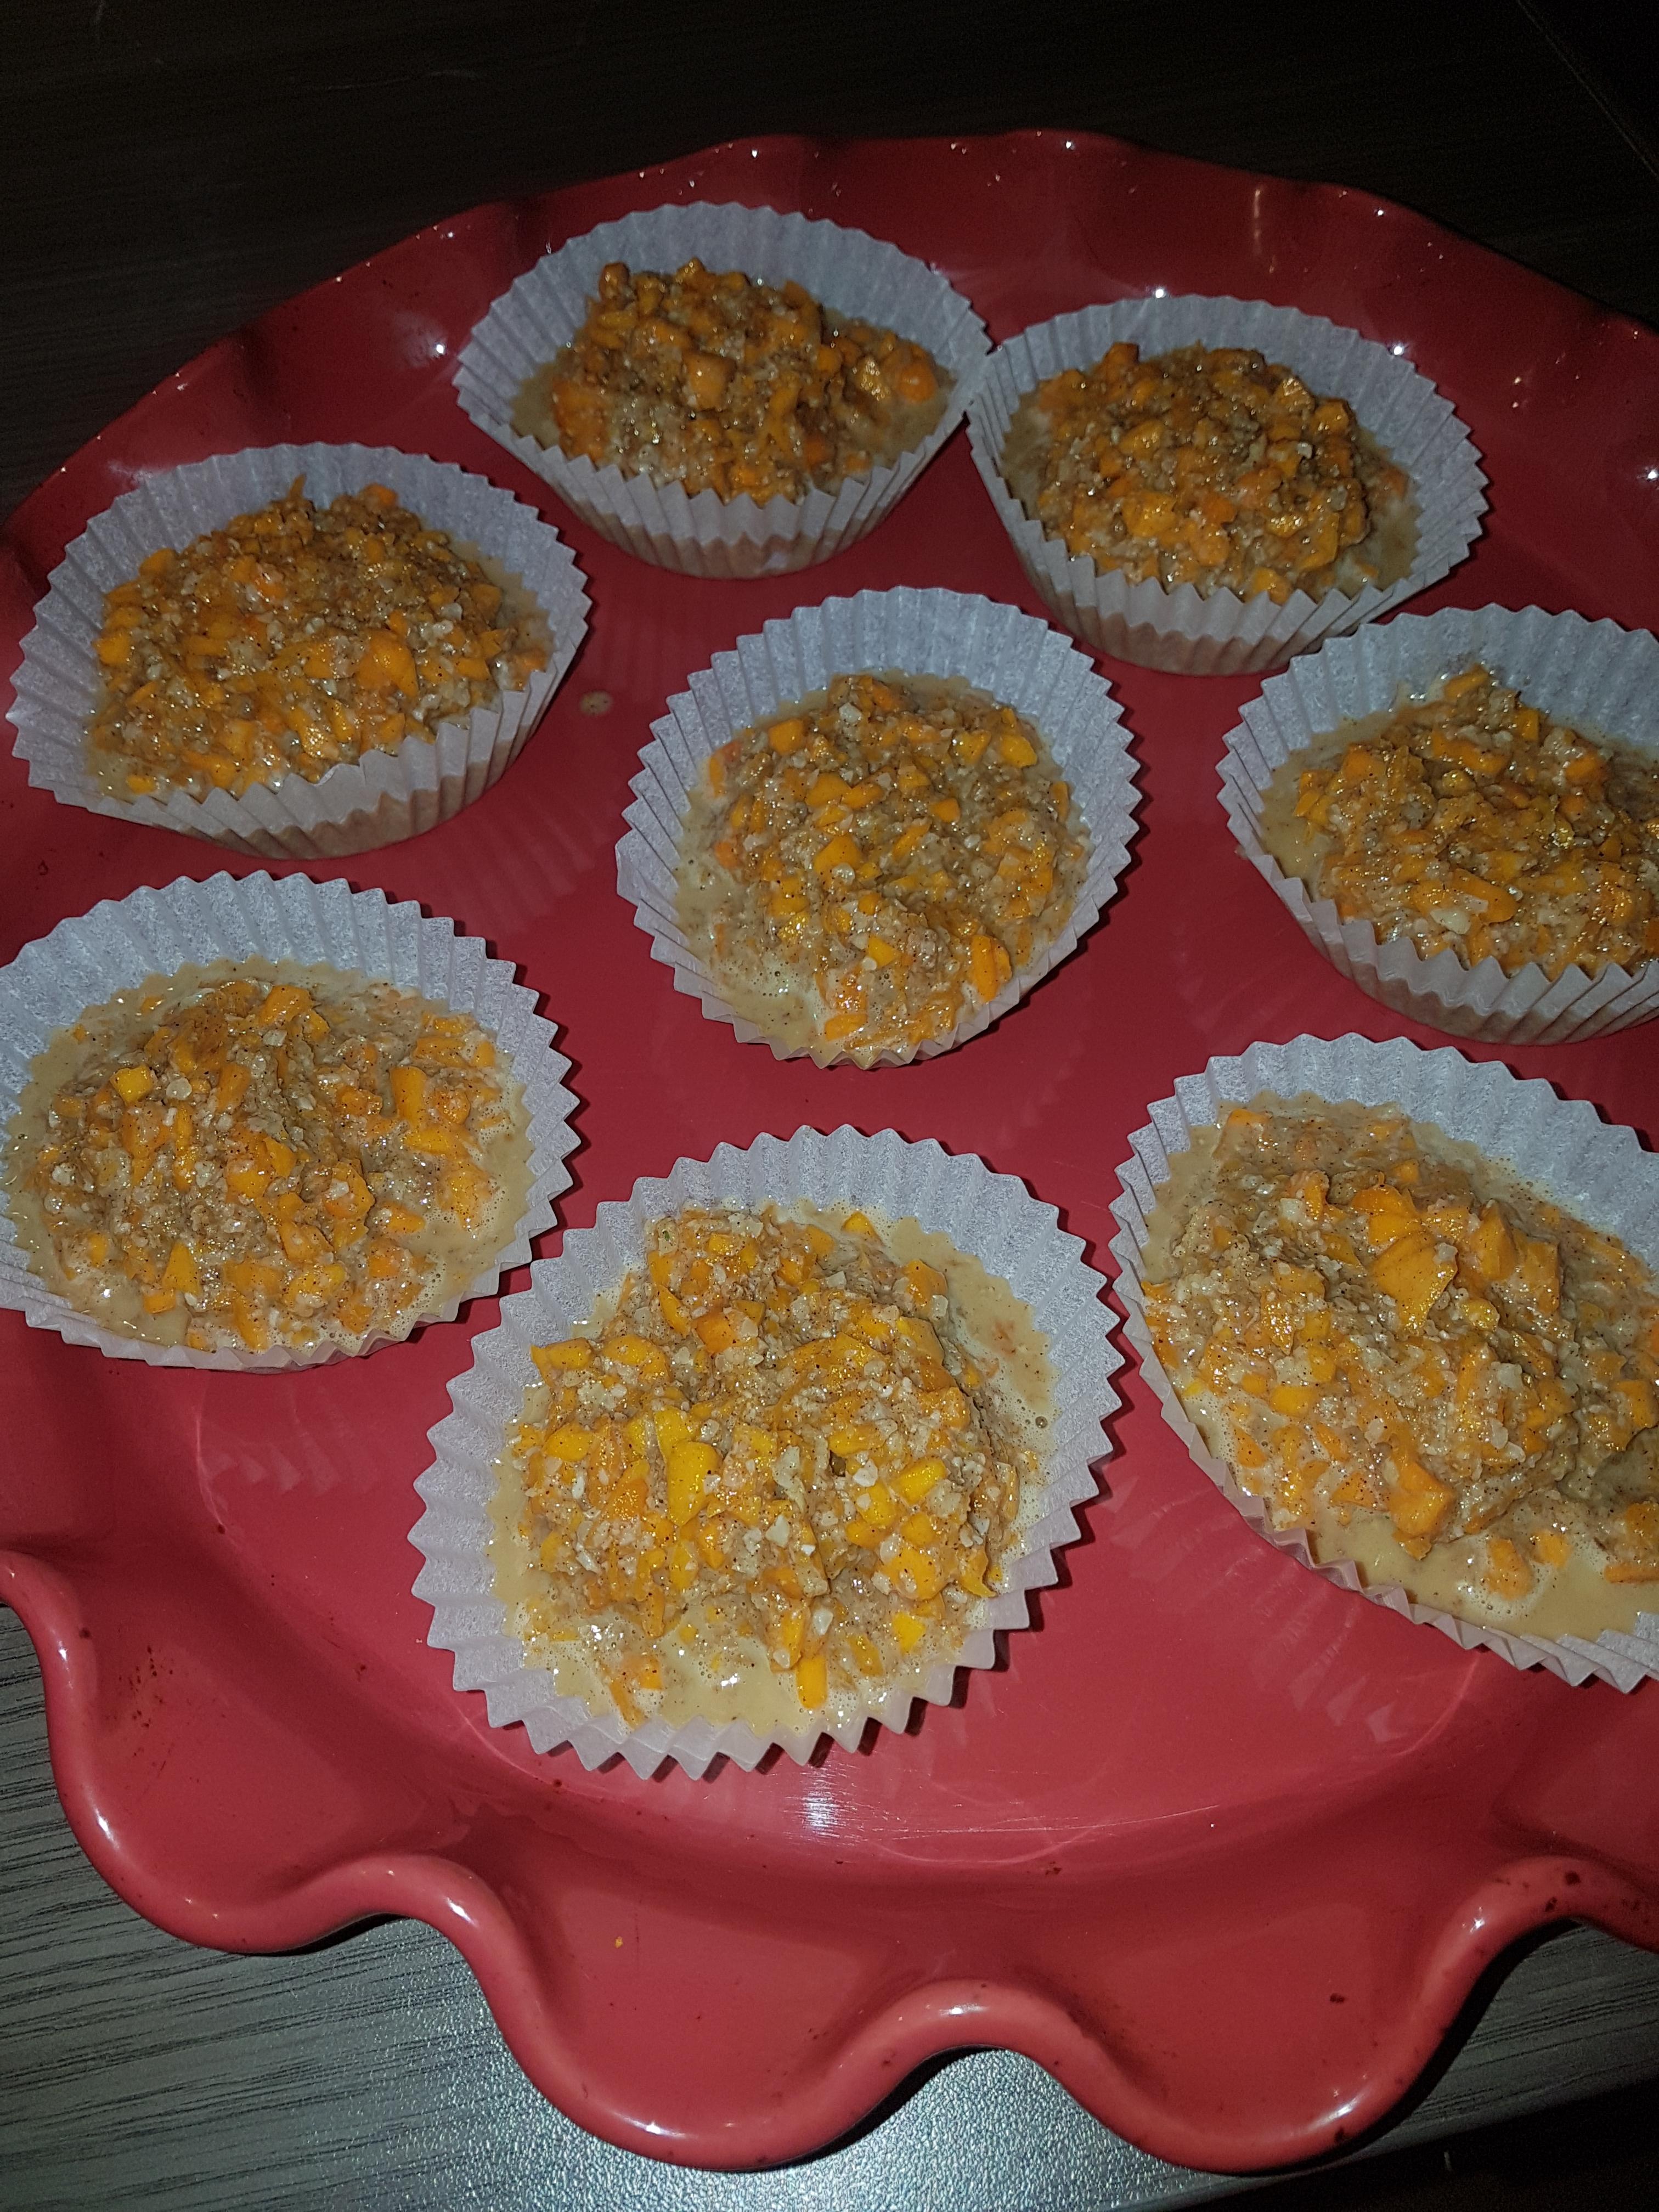 Petits gâteaux amande potimarron